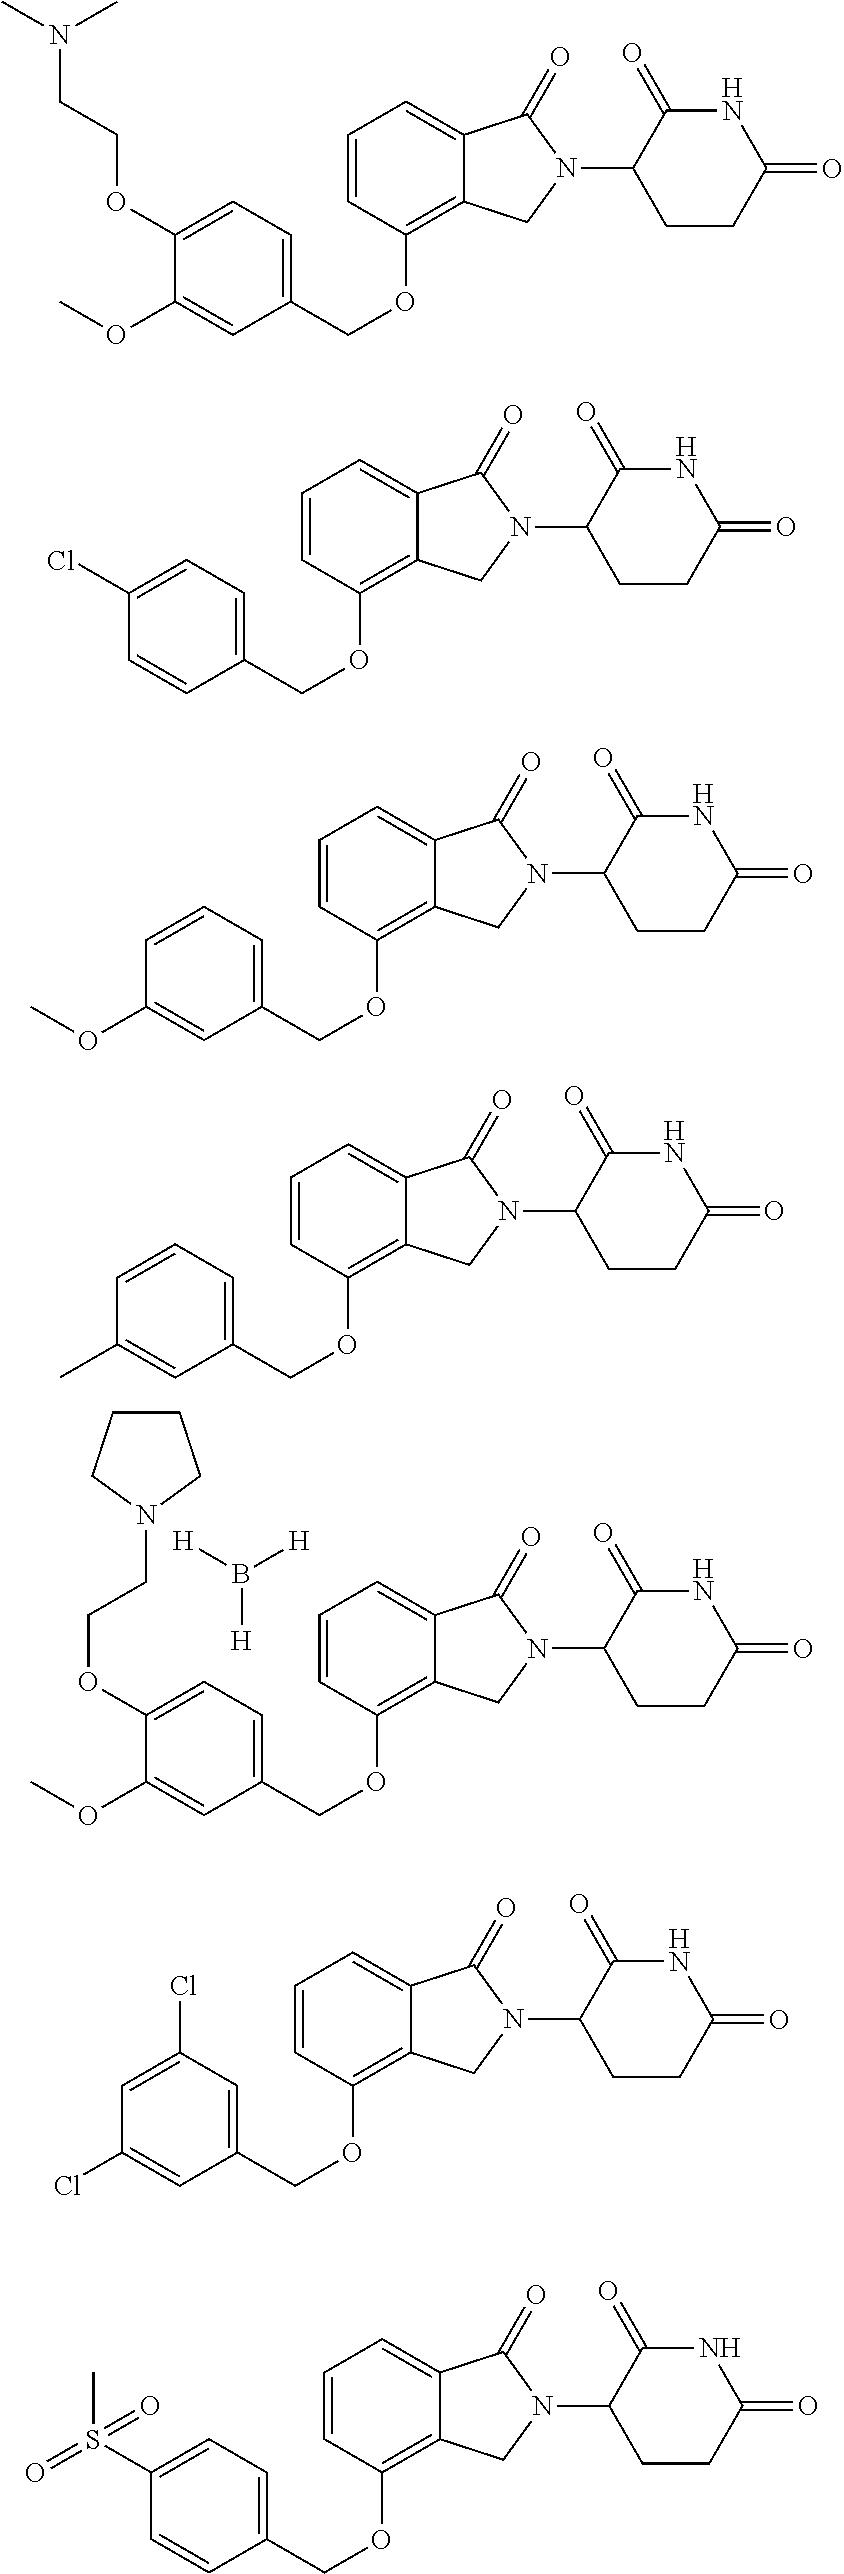 Figure US09822094-20171121-C00027